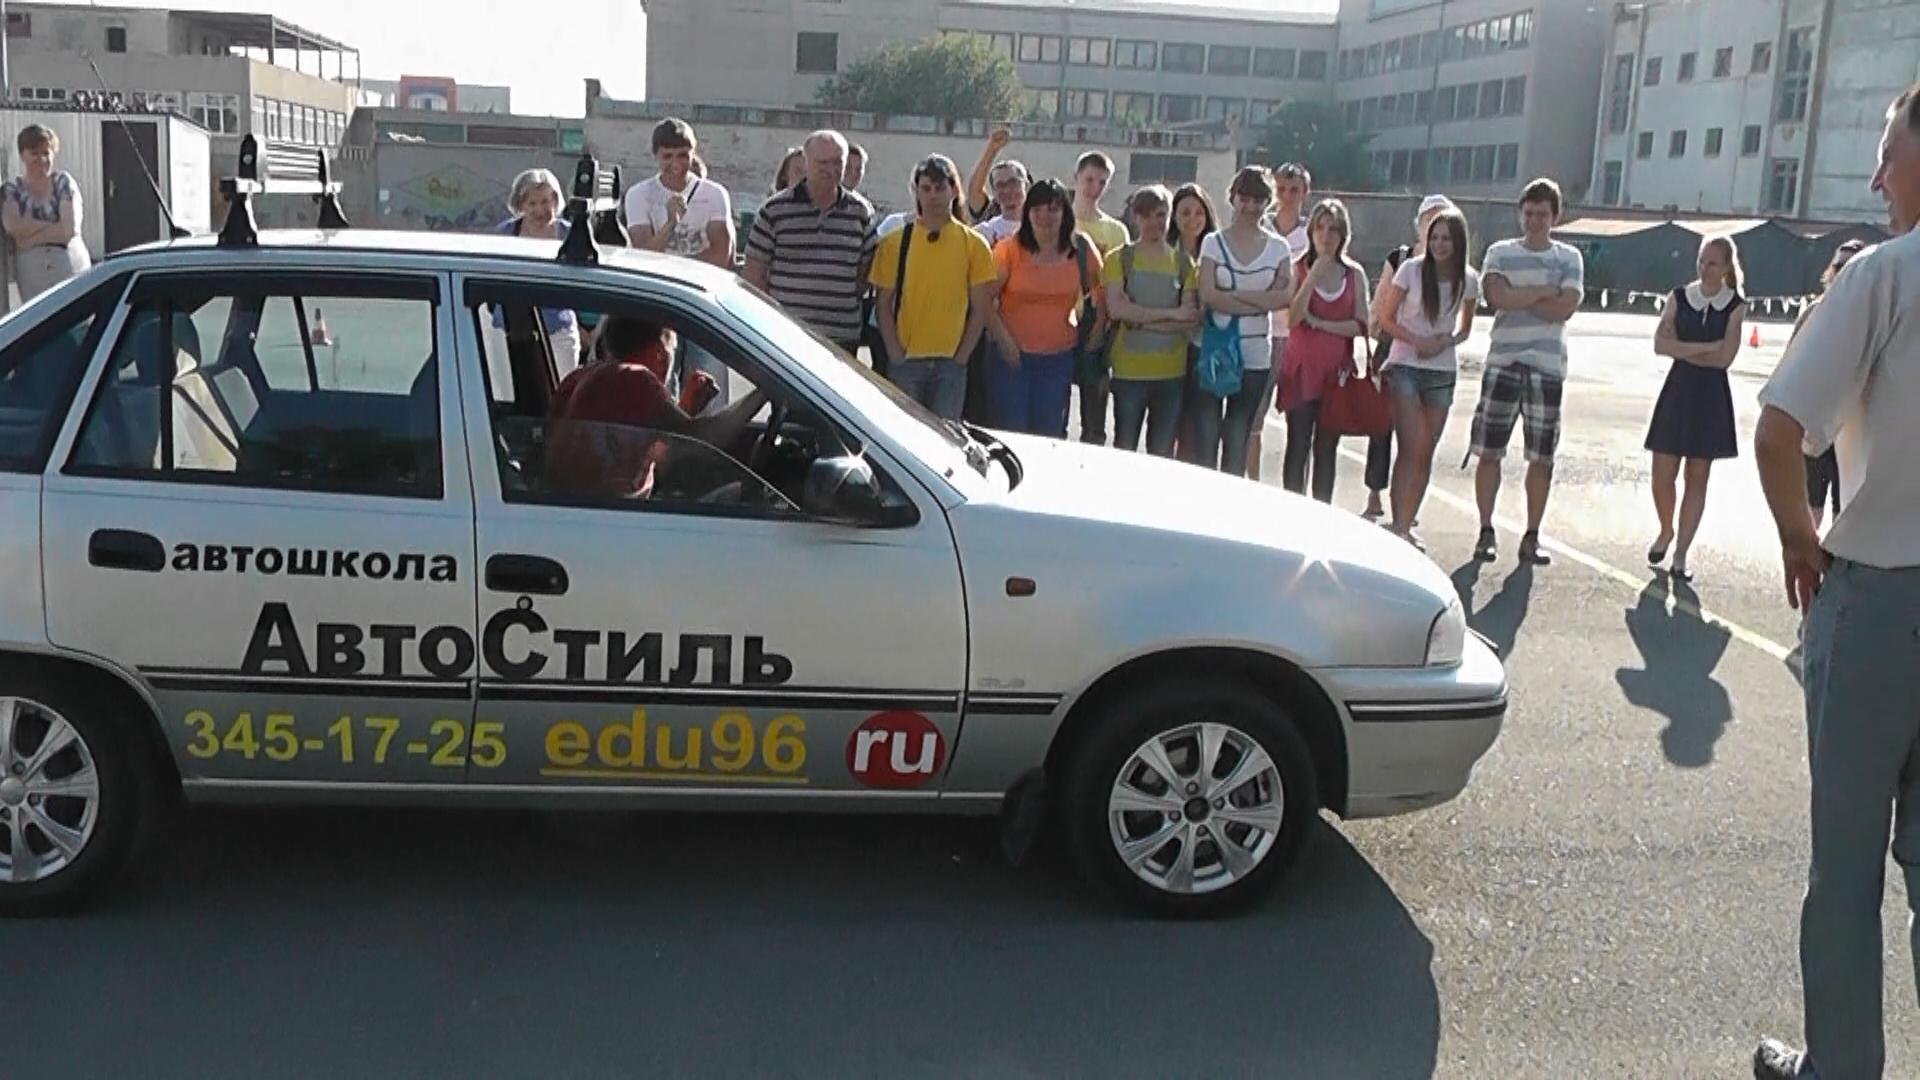 р-авто автошкола отзывы #3